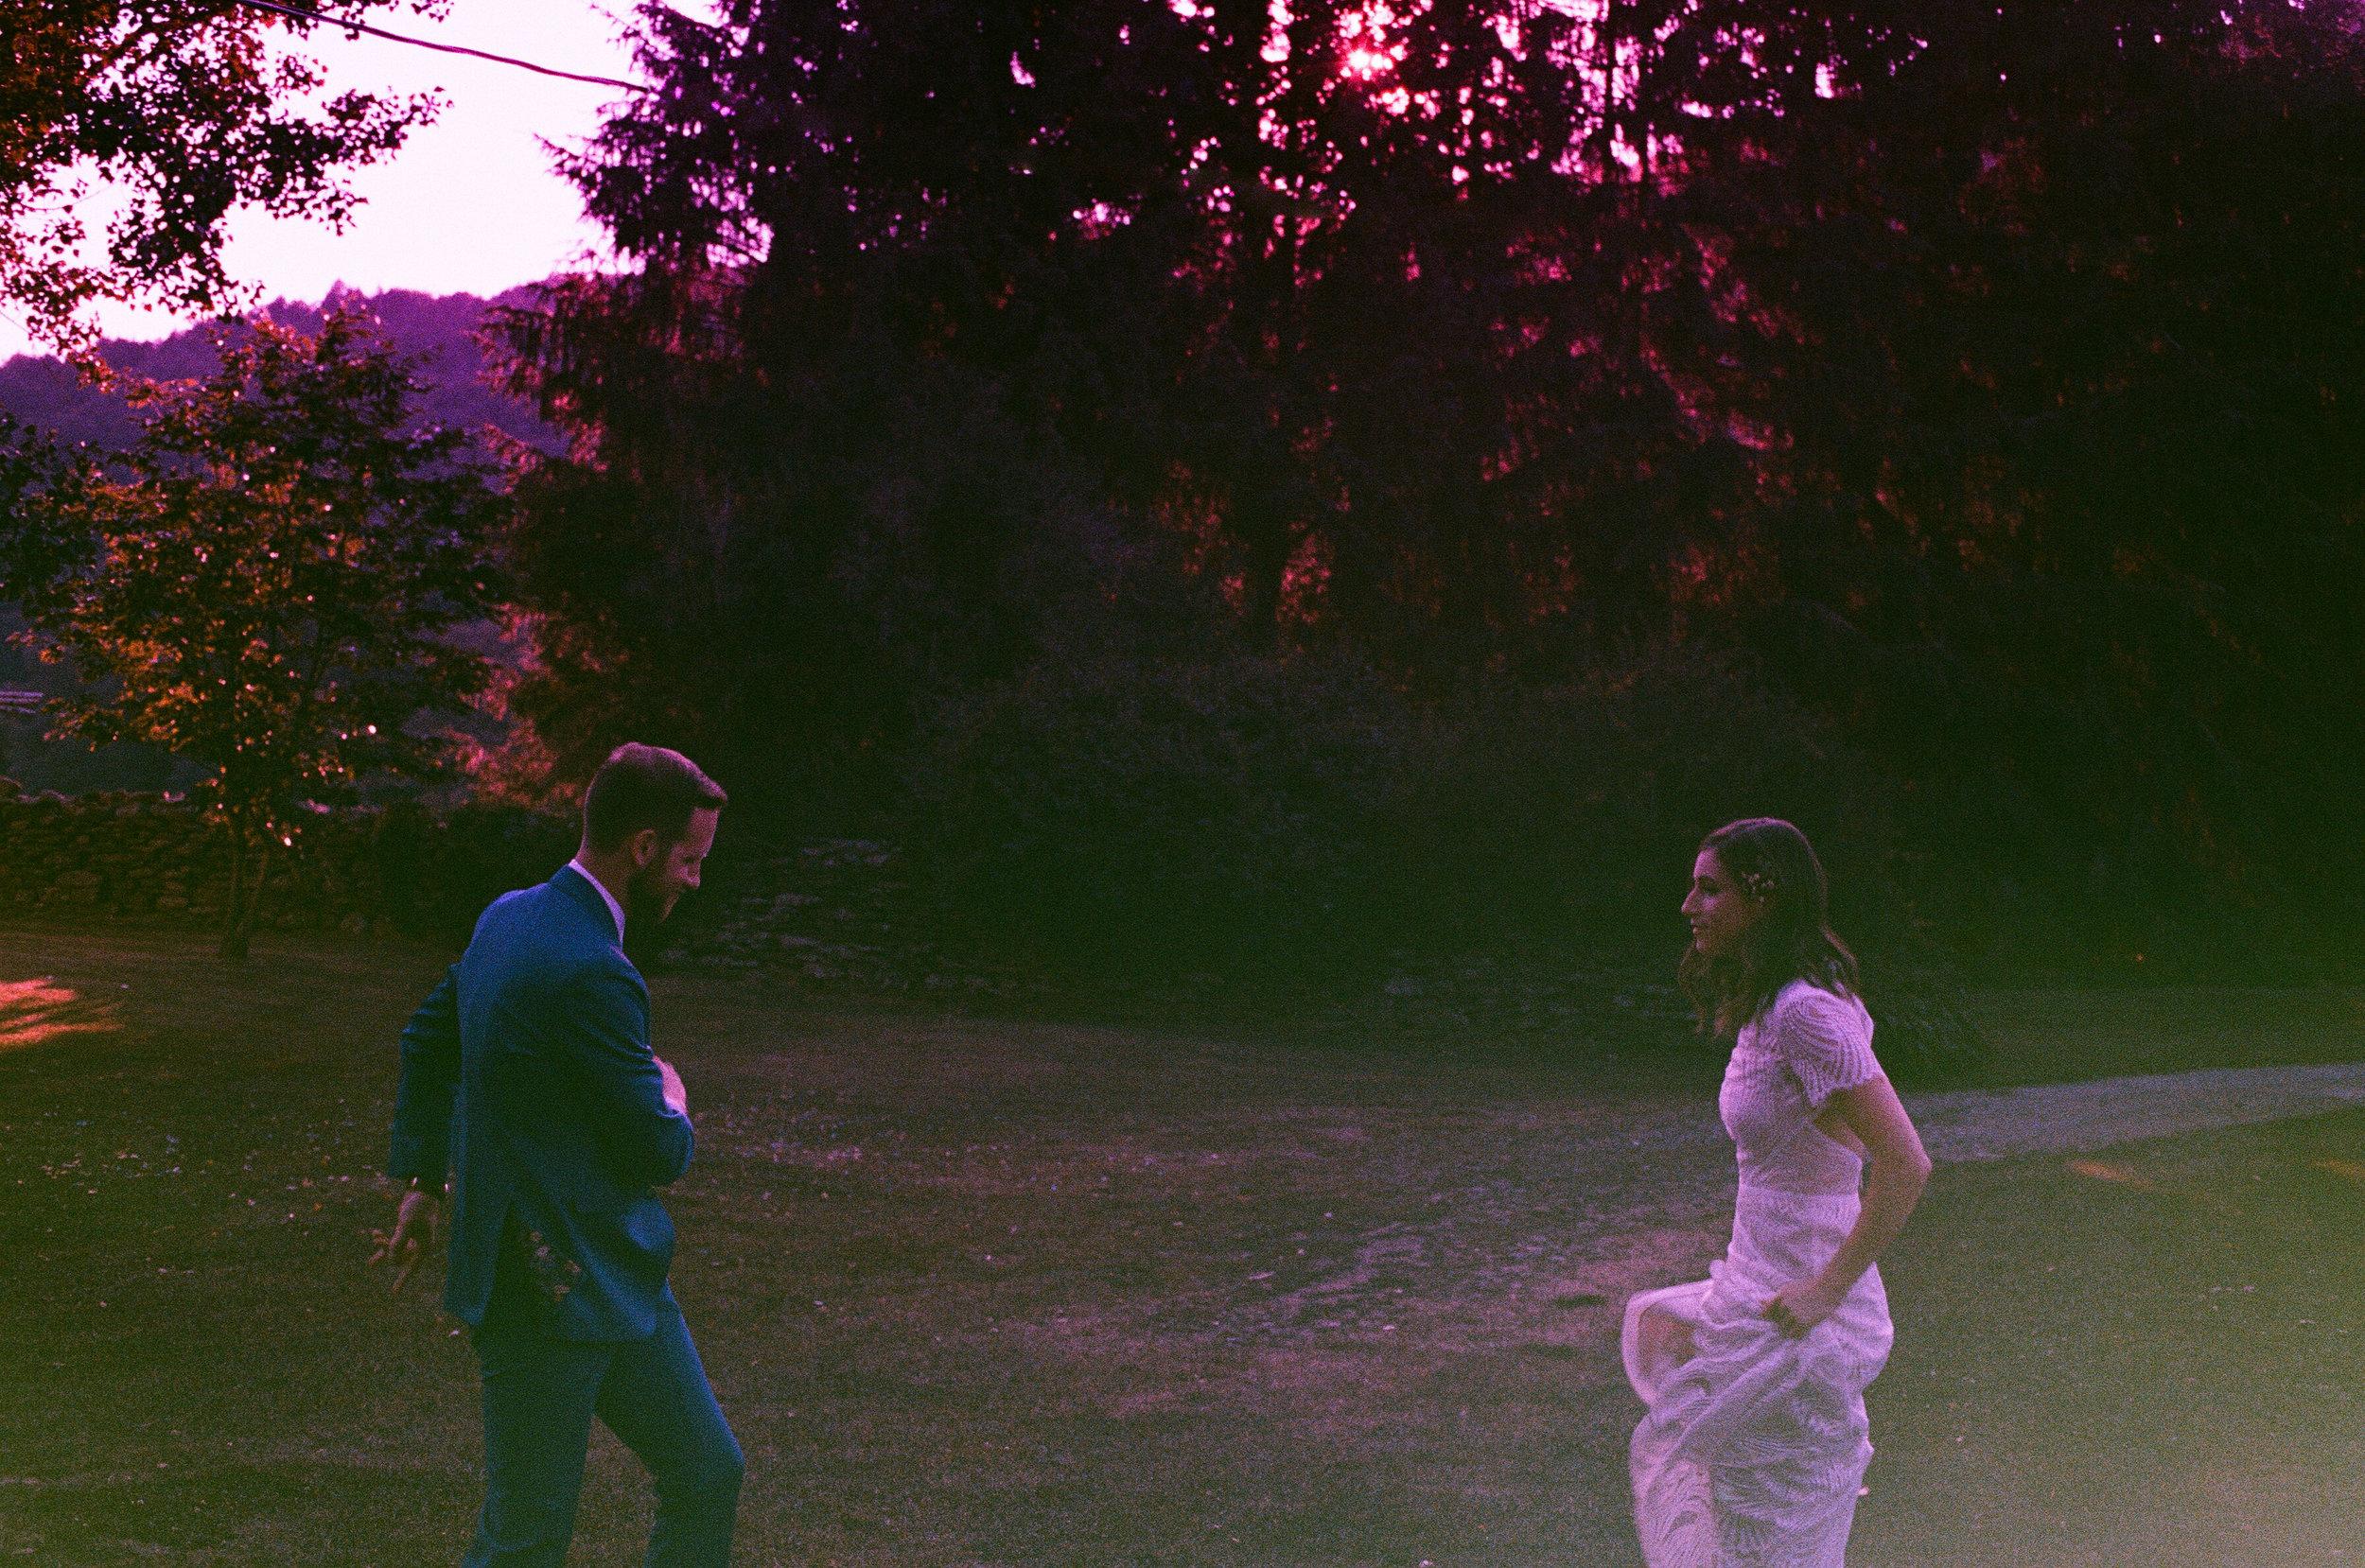 mapleshade_farm_wedding_35mm-4041.jpg